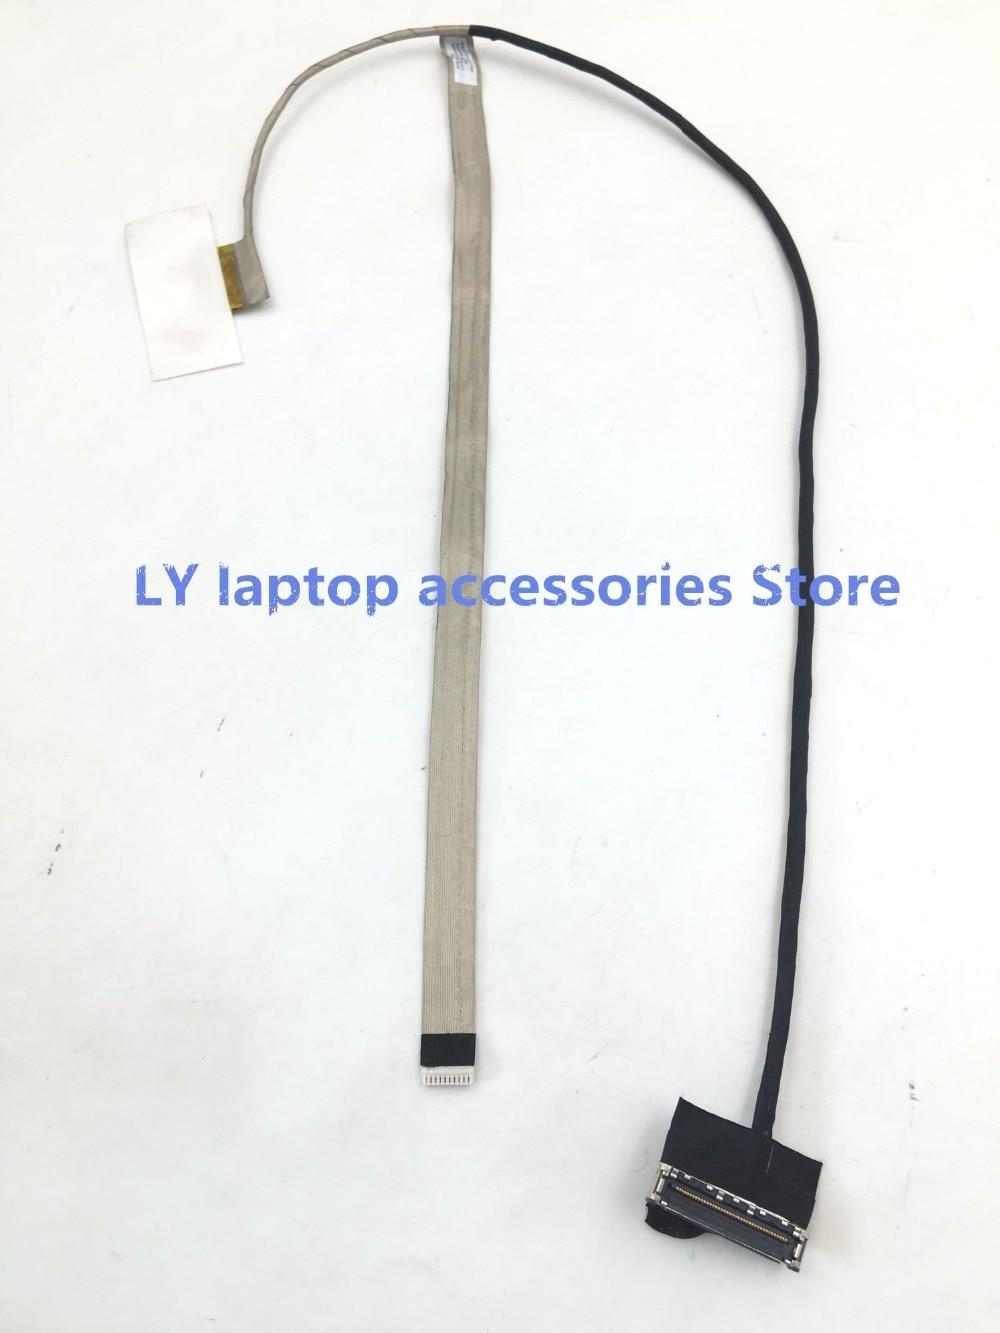 Для DELL M7710 оригинальный кабель для ЖК-экрана ноутбука AAPB0 DC02C00AL00 03GPF4